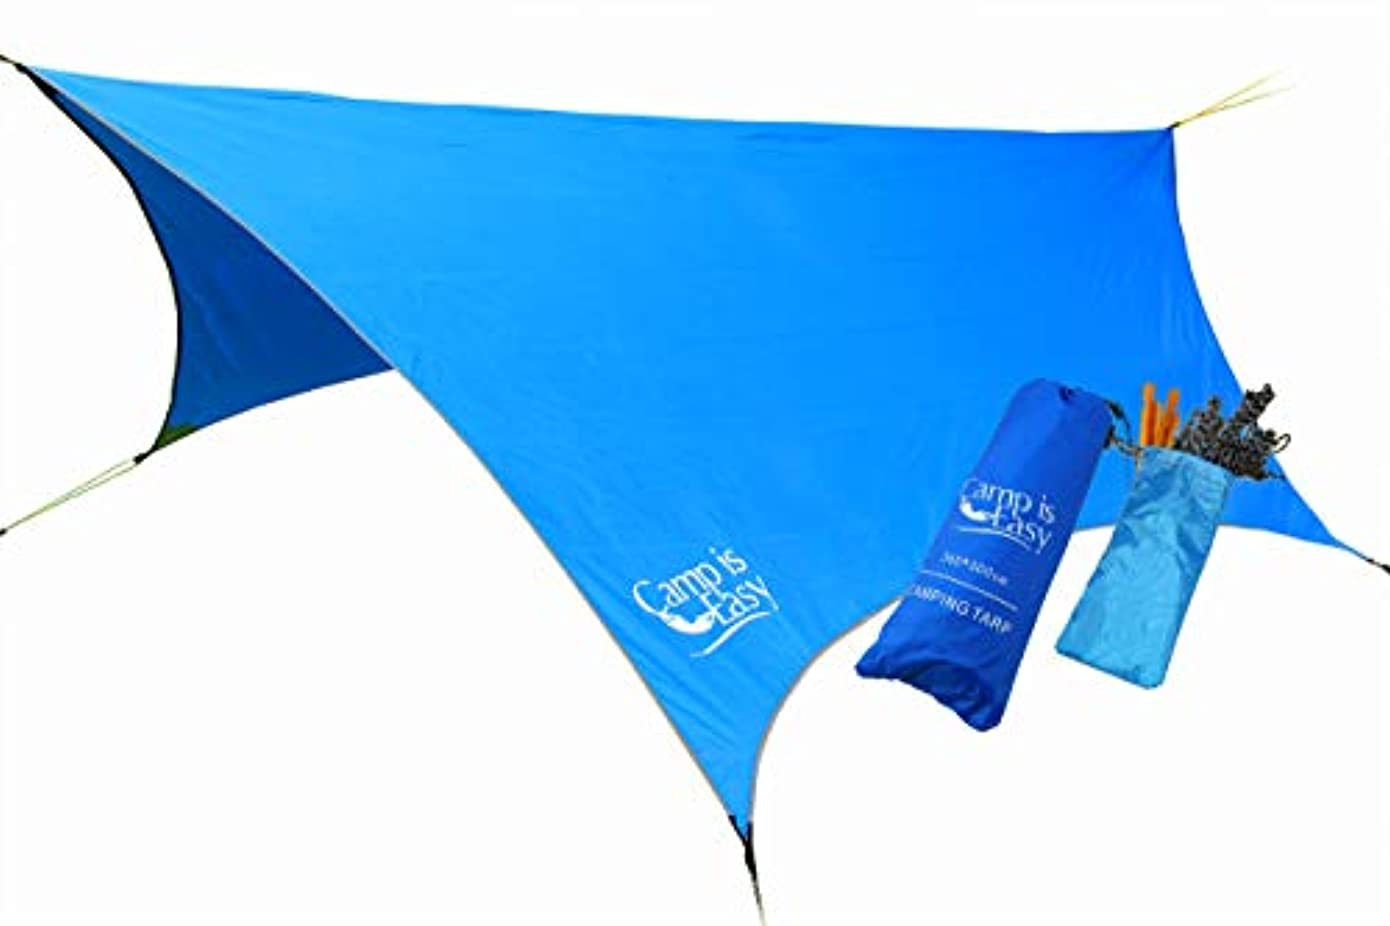 ひまわりトラクターポーチWaterproof Rip Resistant Camping Tarp For Any weather. Perfect Tent cover Or Hammock Rain Fly. Use For Shelter Or Sunshade. Ultralight And Portable Nylon Fabric. Great For Hiking, Backpacking & Travel [並行輸入品]